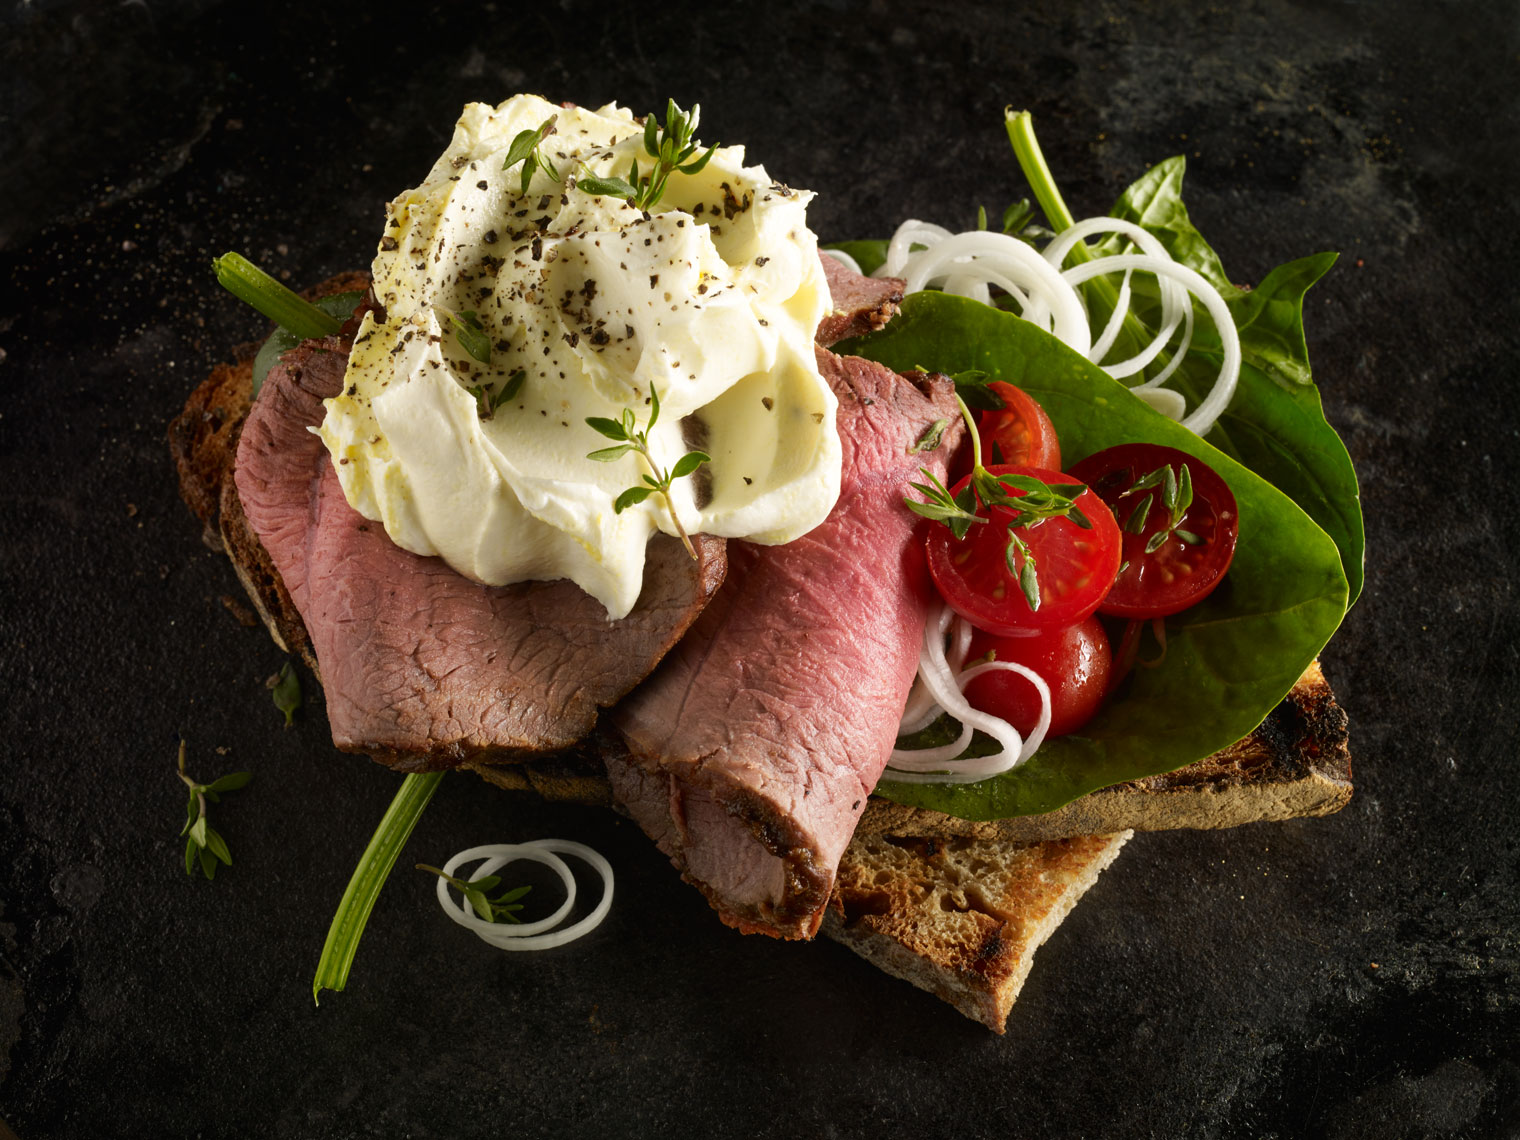 Open-beef-sandwich-with-mustard-Philadelphia-31016.jpg